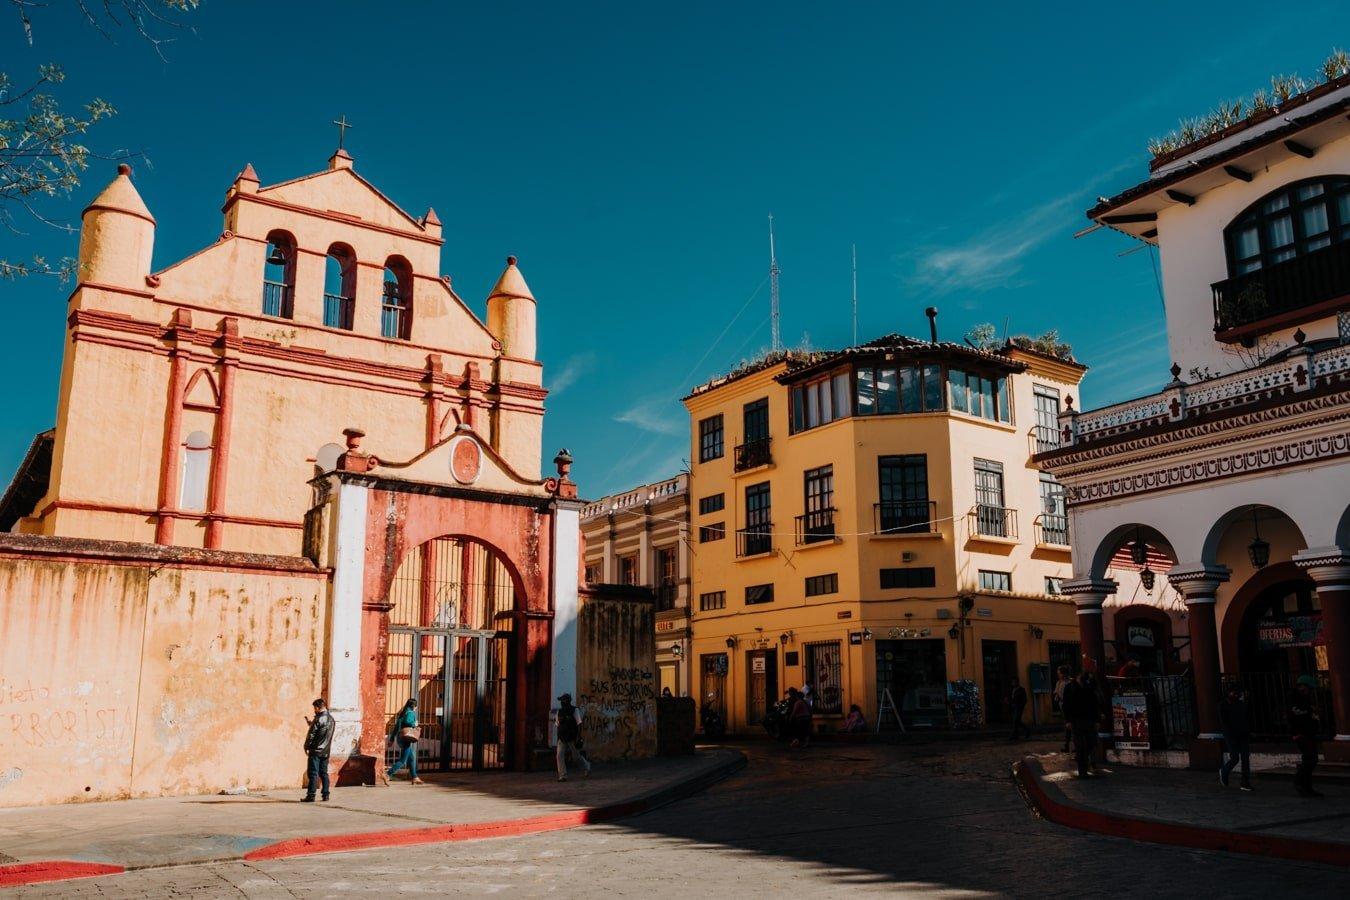 plaza 31 de marzo in san cristobal de las casas